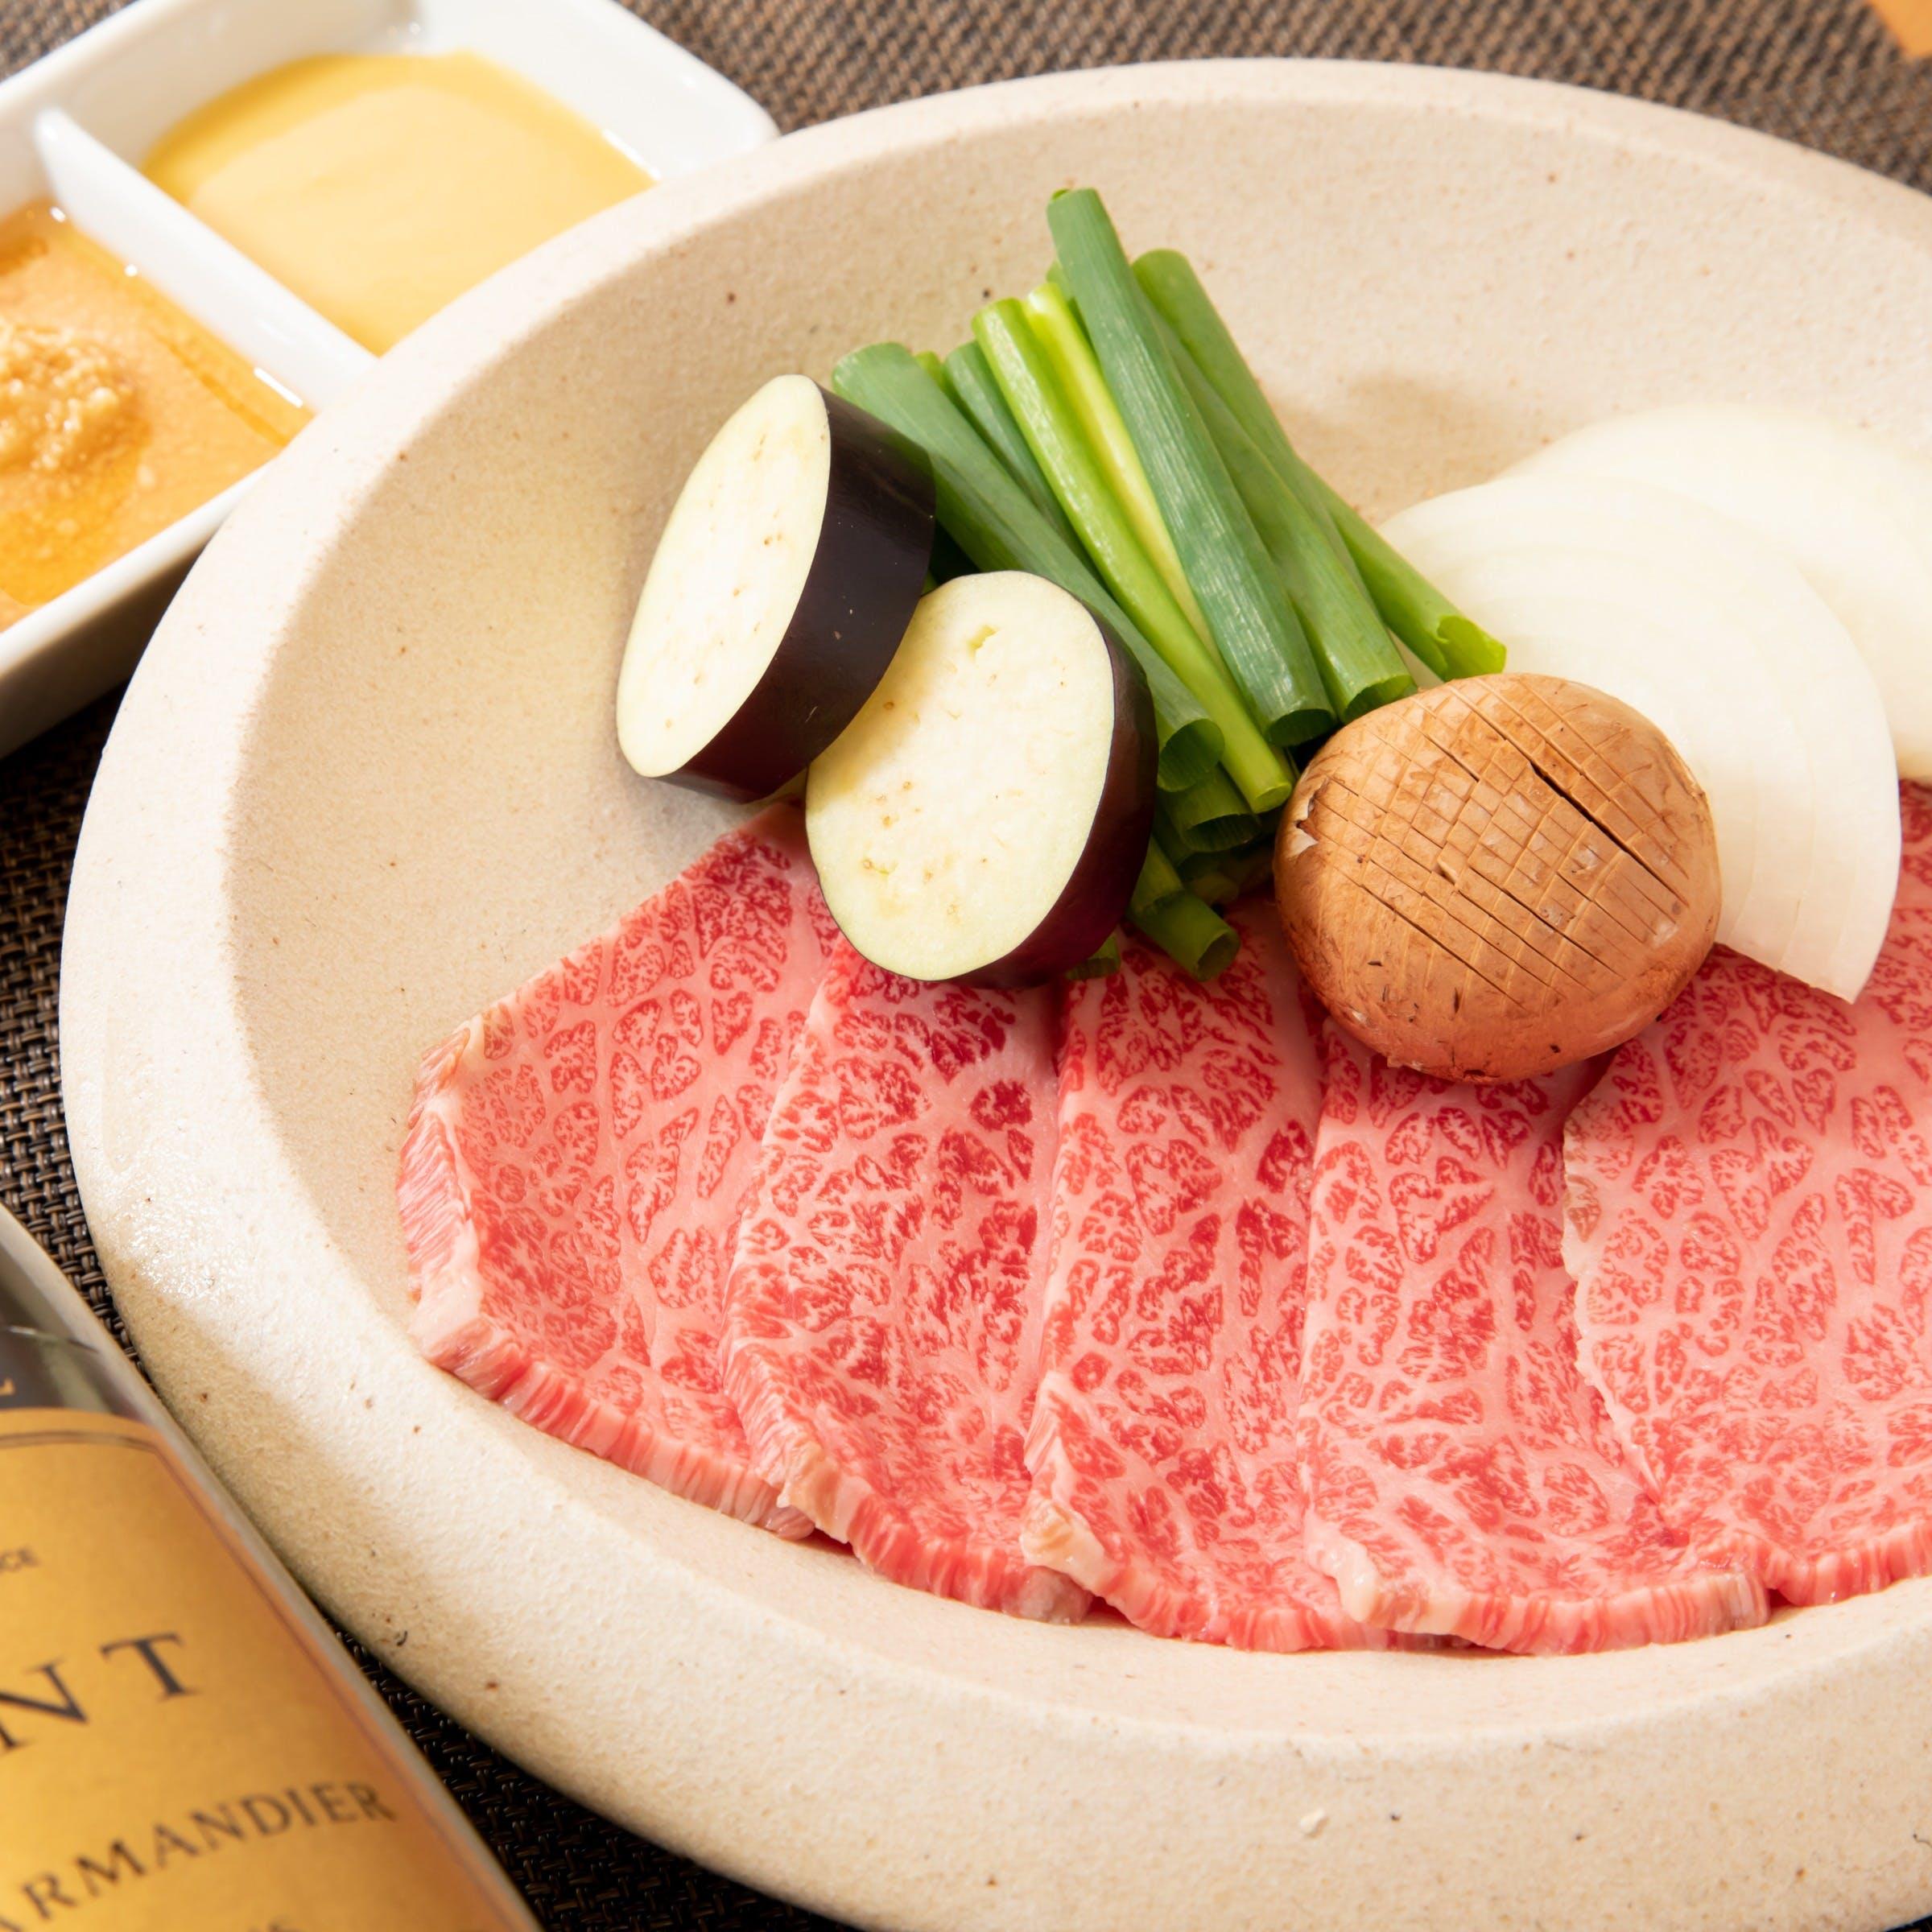 鉄板焼きだけではなく、和食も自慢です